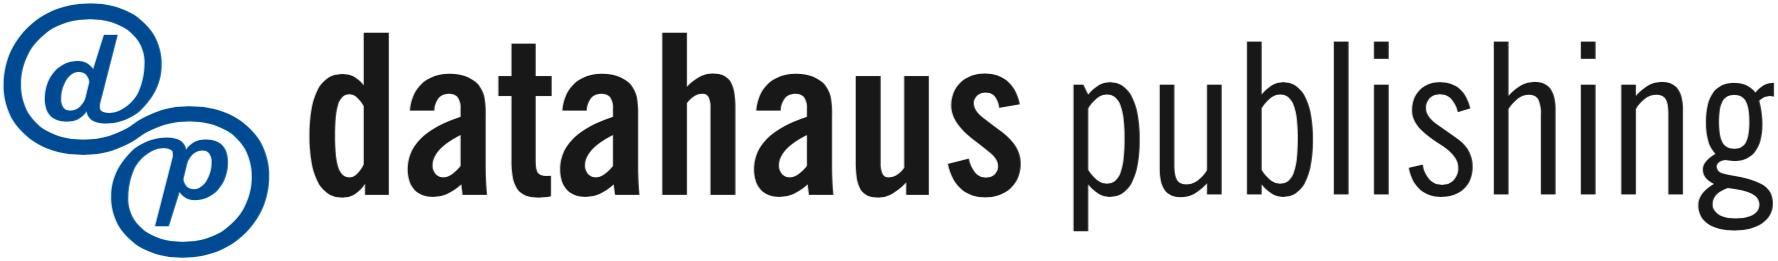 Datahaus Publishing | databased publishing